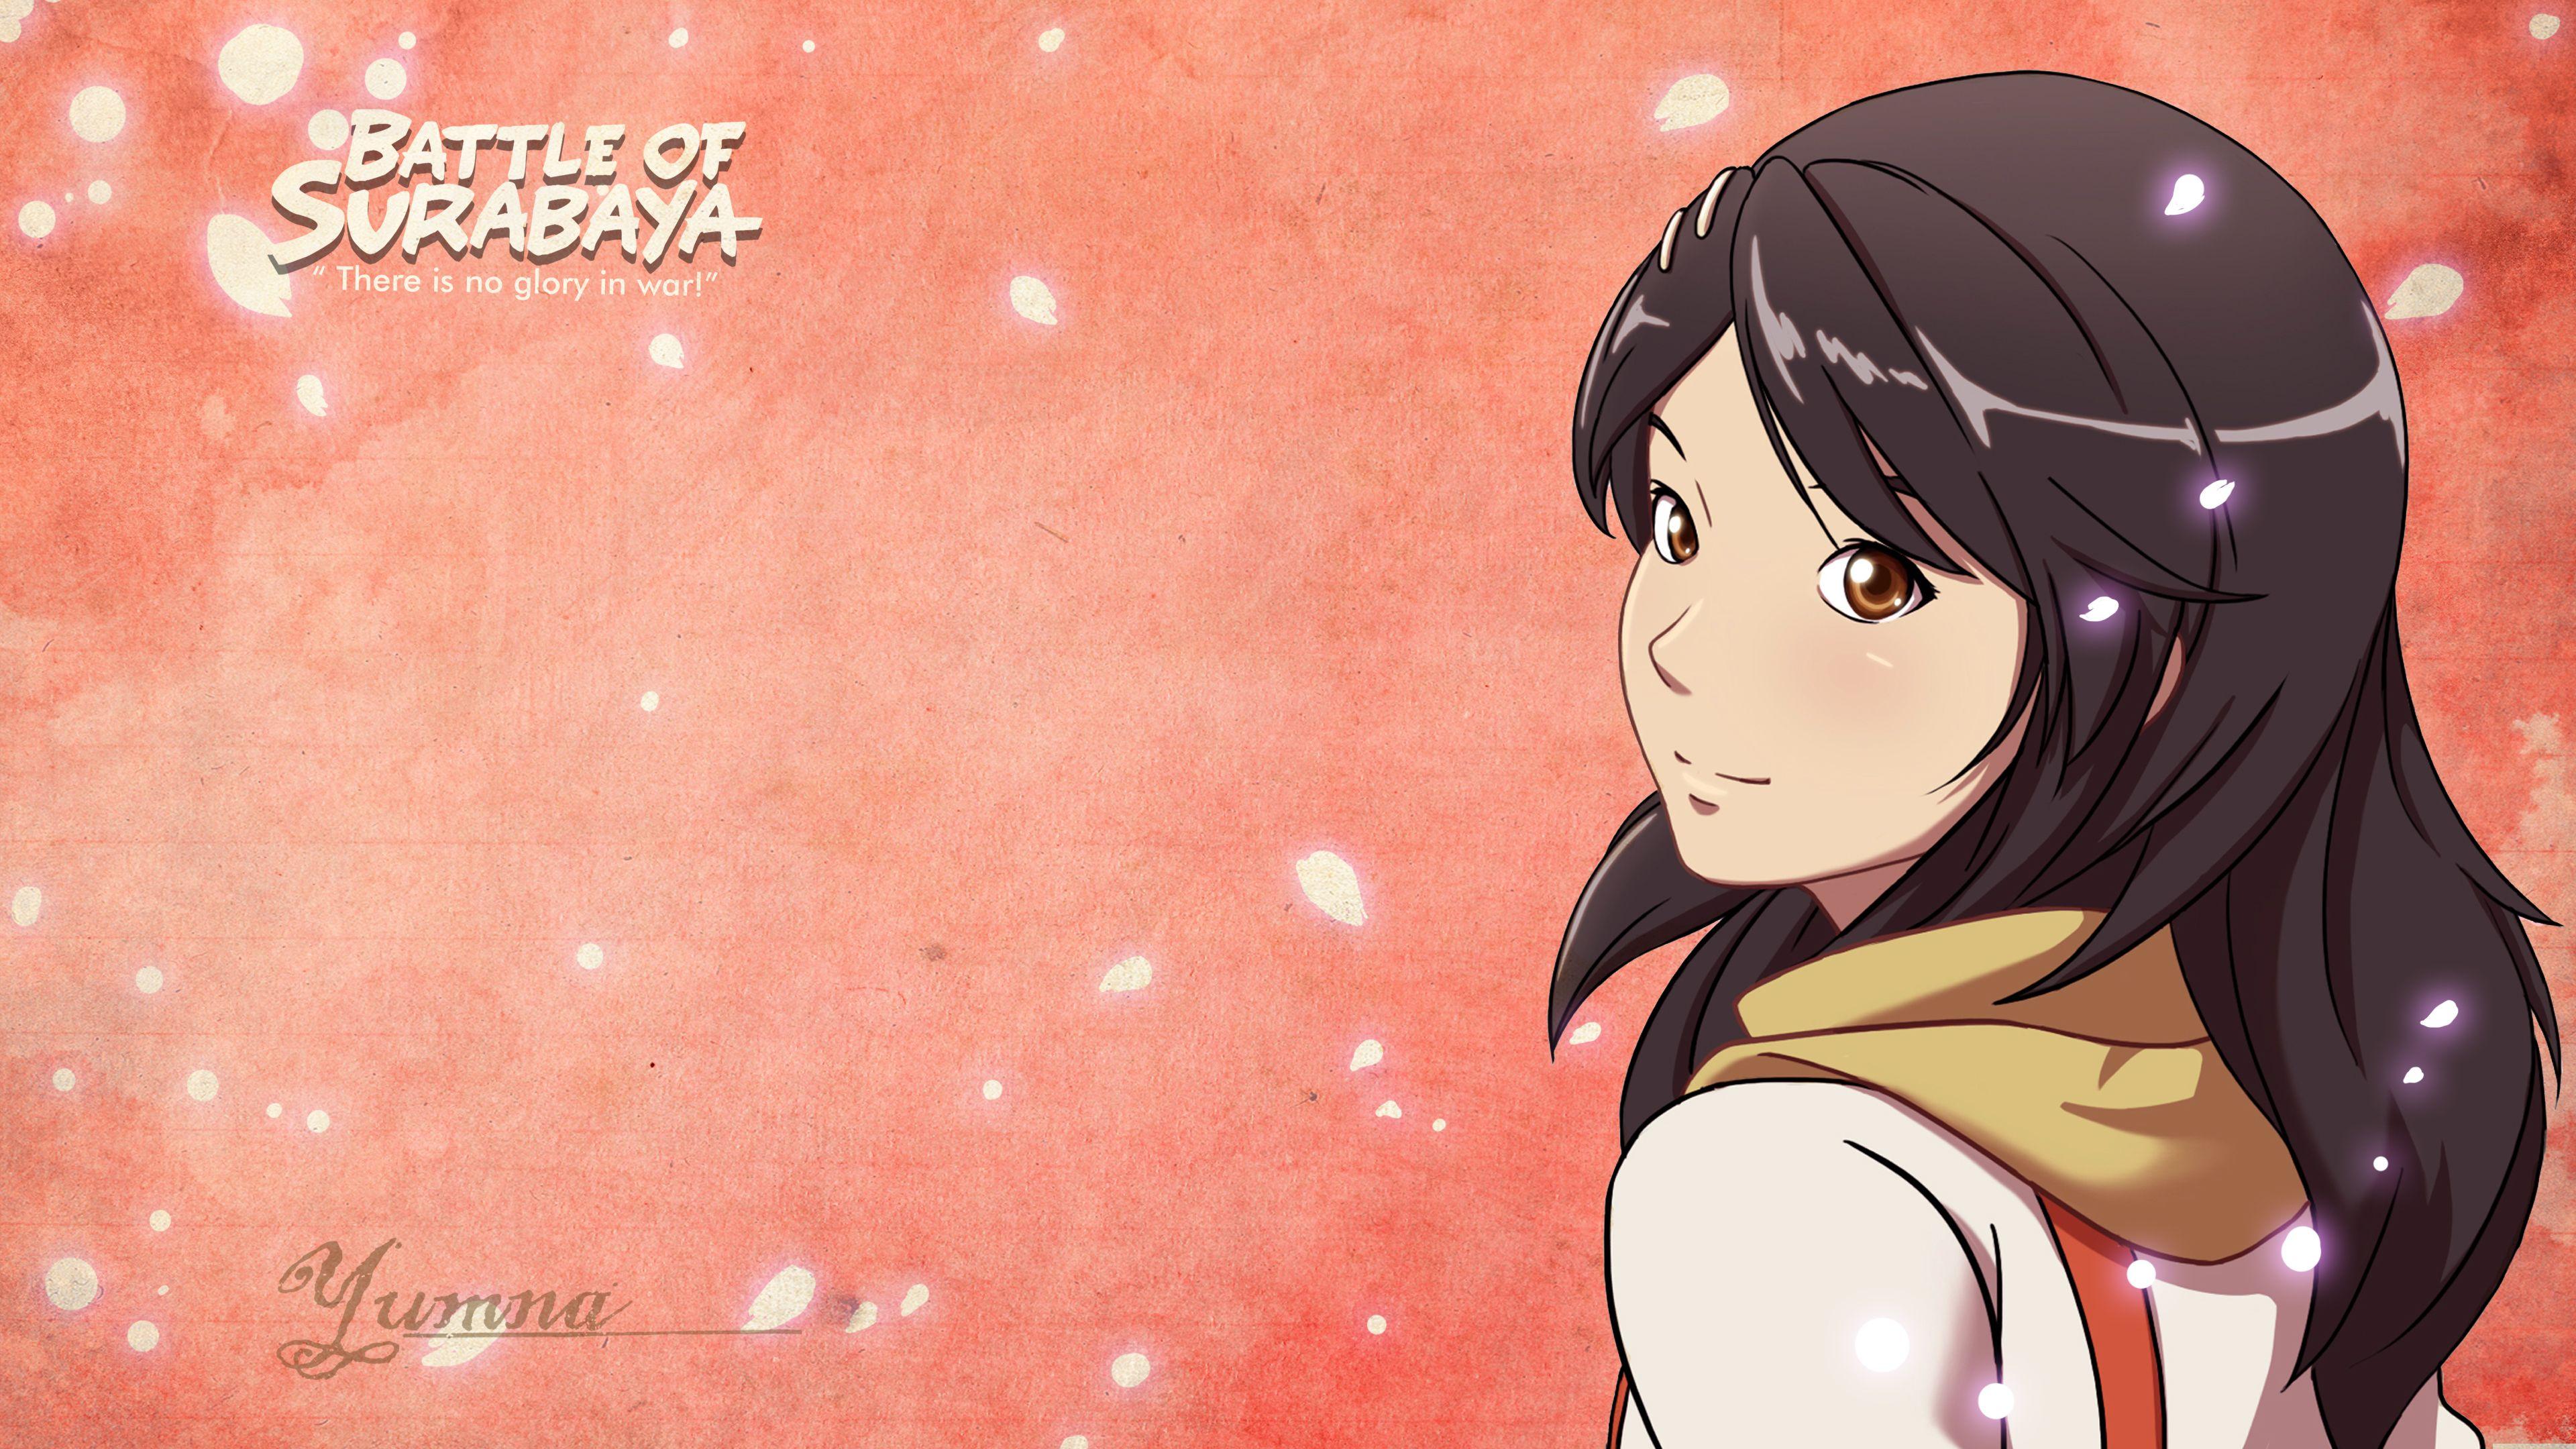 Yumna's Wallpaper. Yumna as a cute girl who live at